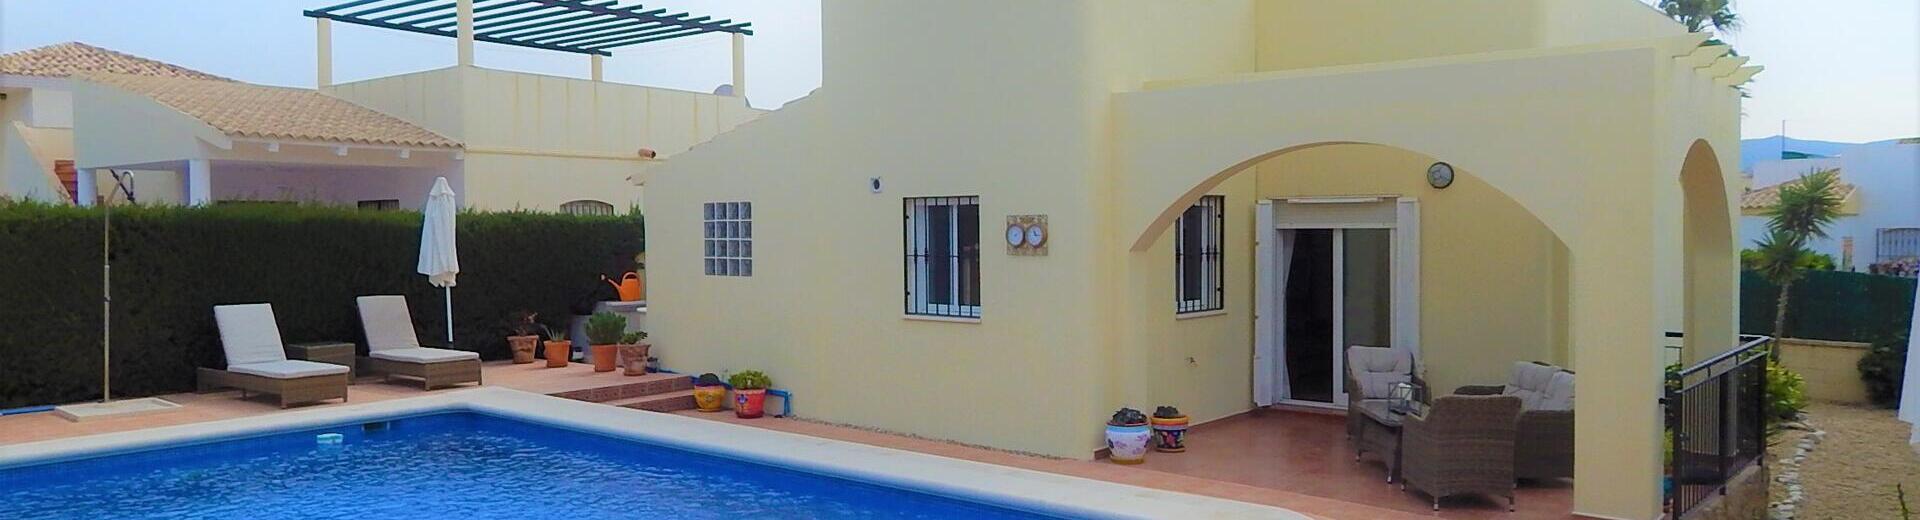 VIP7708: Villa en Venta